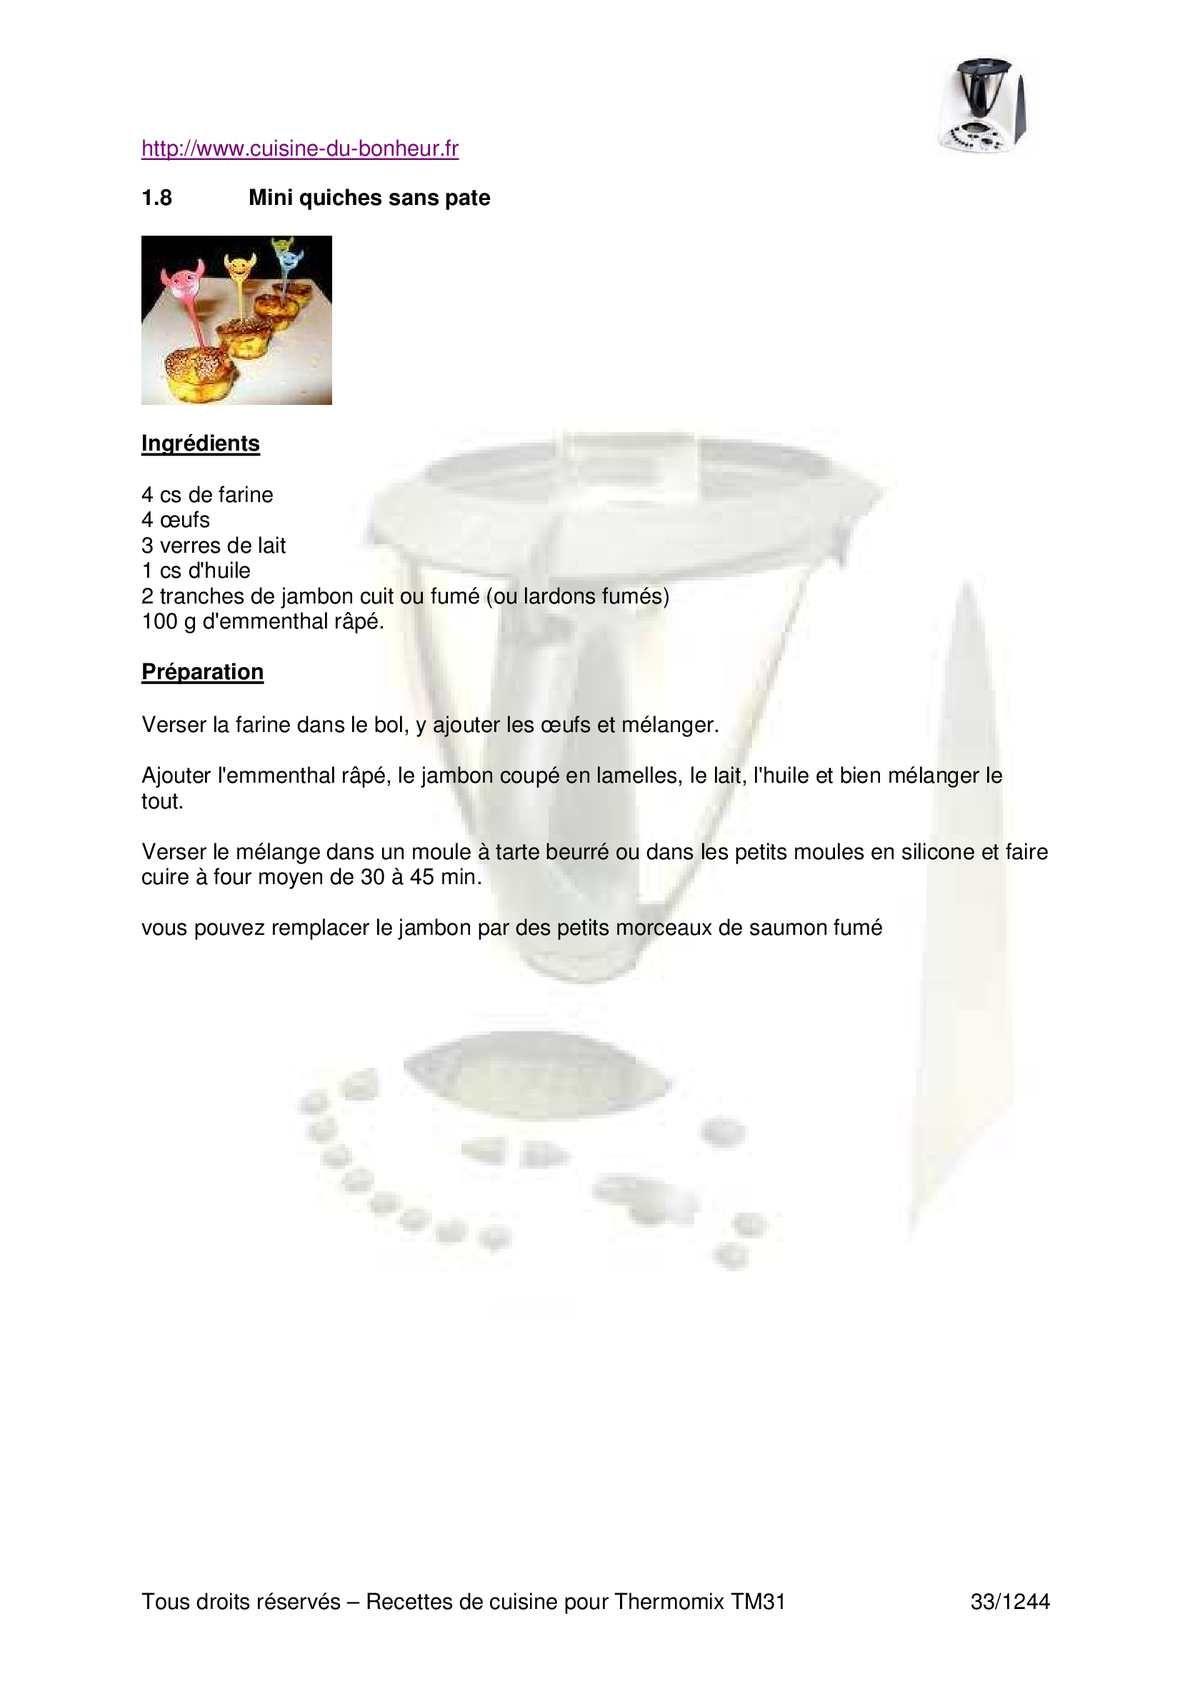 http://www.cuisine-du-bonheur.fr Tous droits réservés – Recettes de cuisine pour Thermomix TM31 1/1244